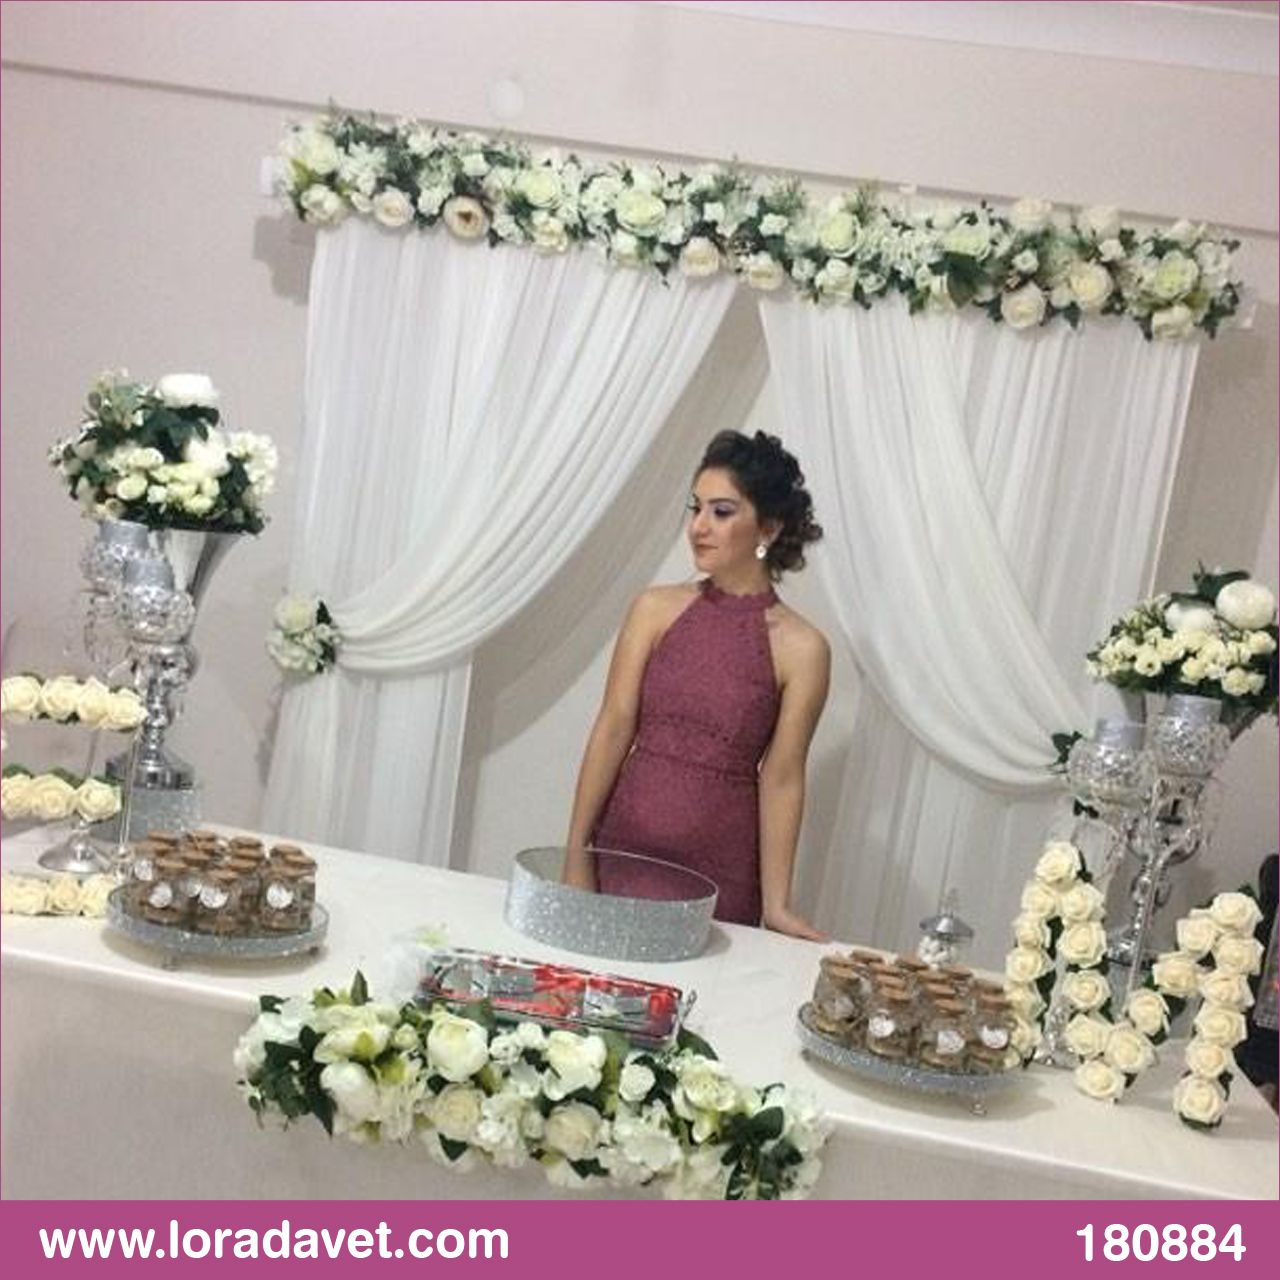 Lora Davet - Lora Davet Mağazamız